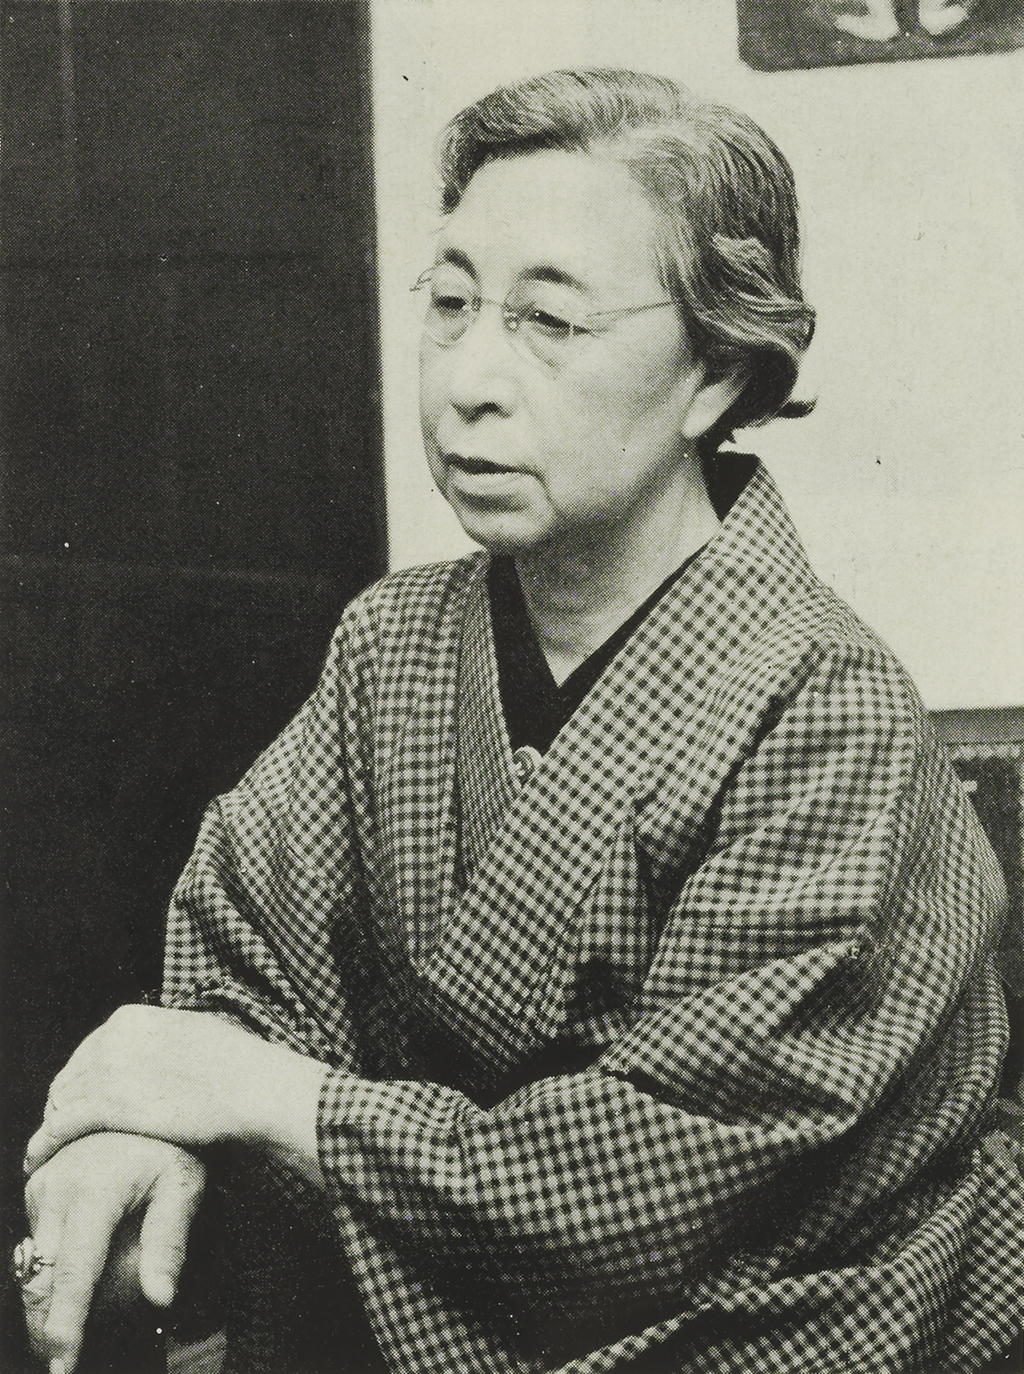 Kanno Sugako